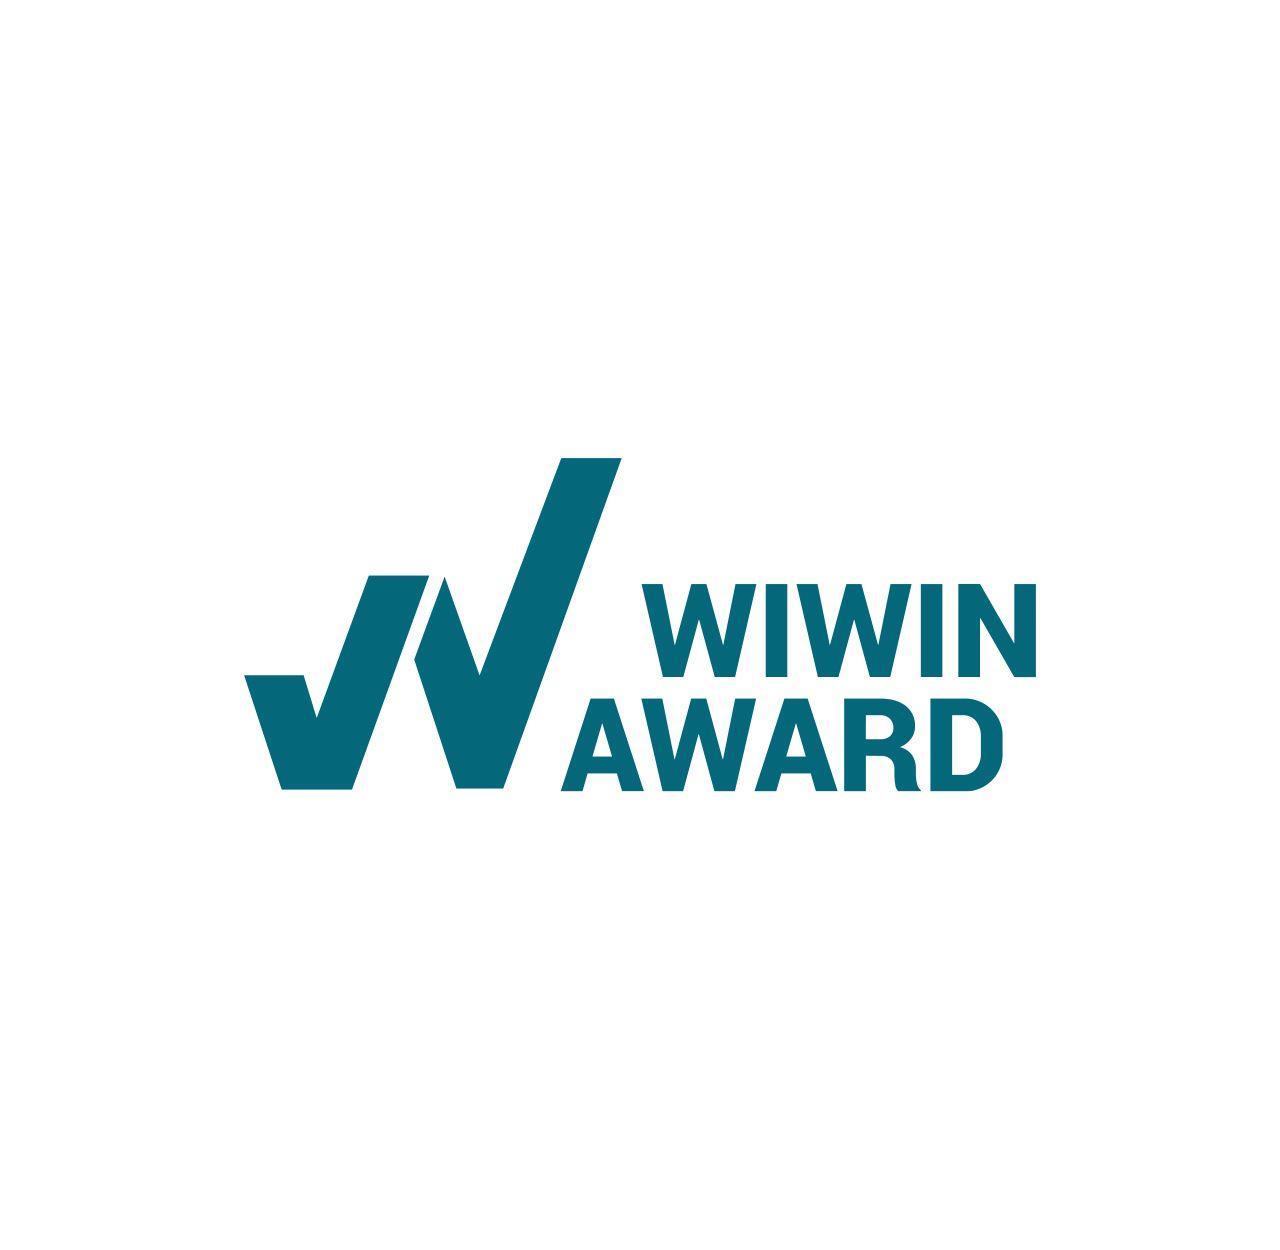 Wiwin Award Logo